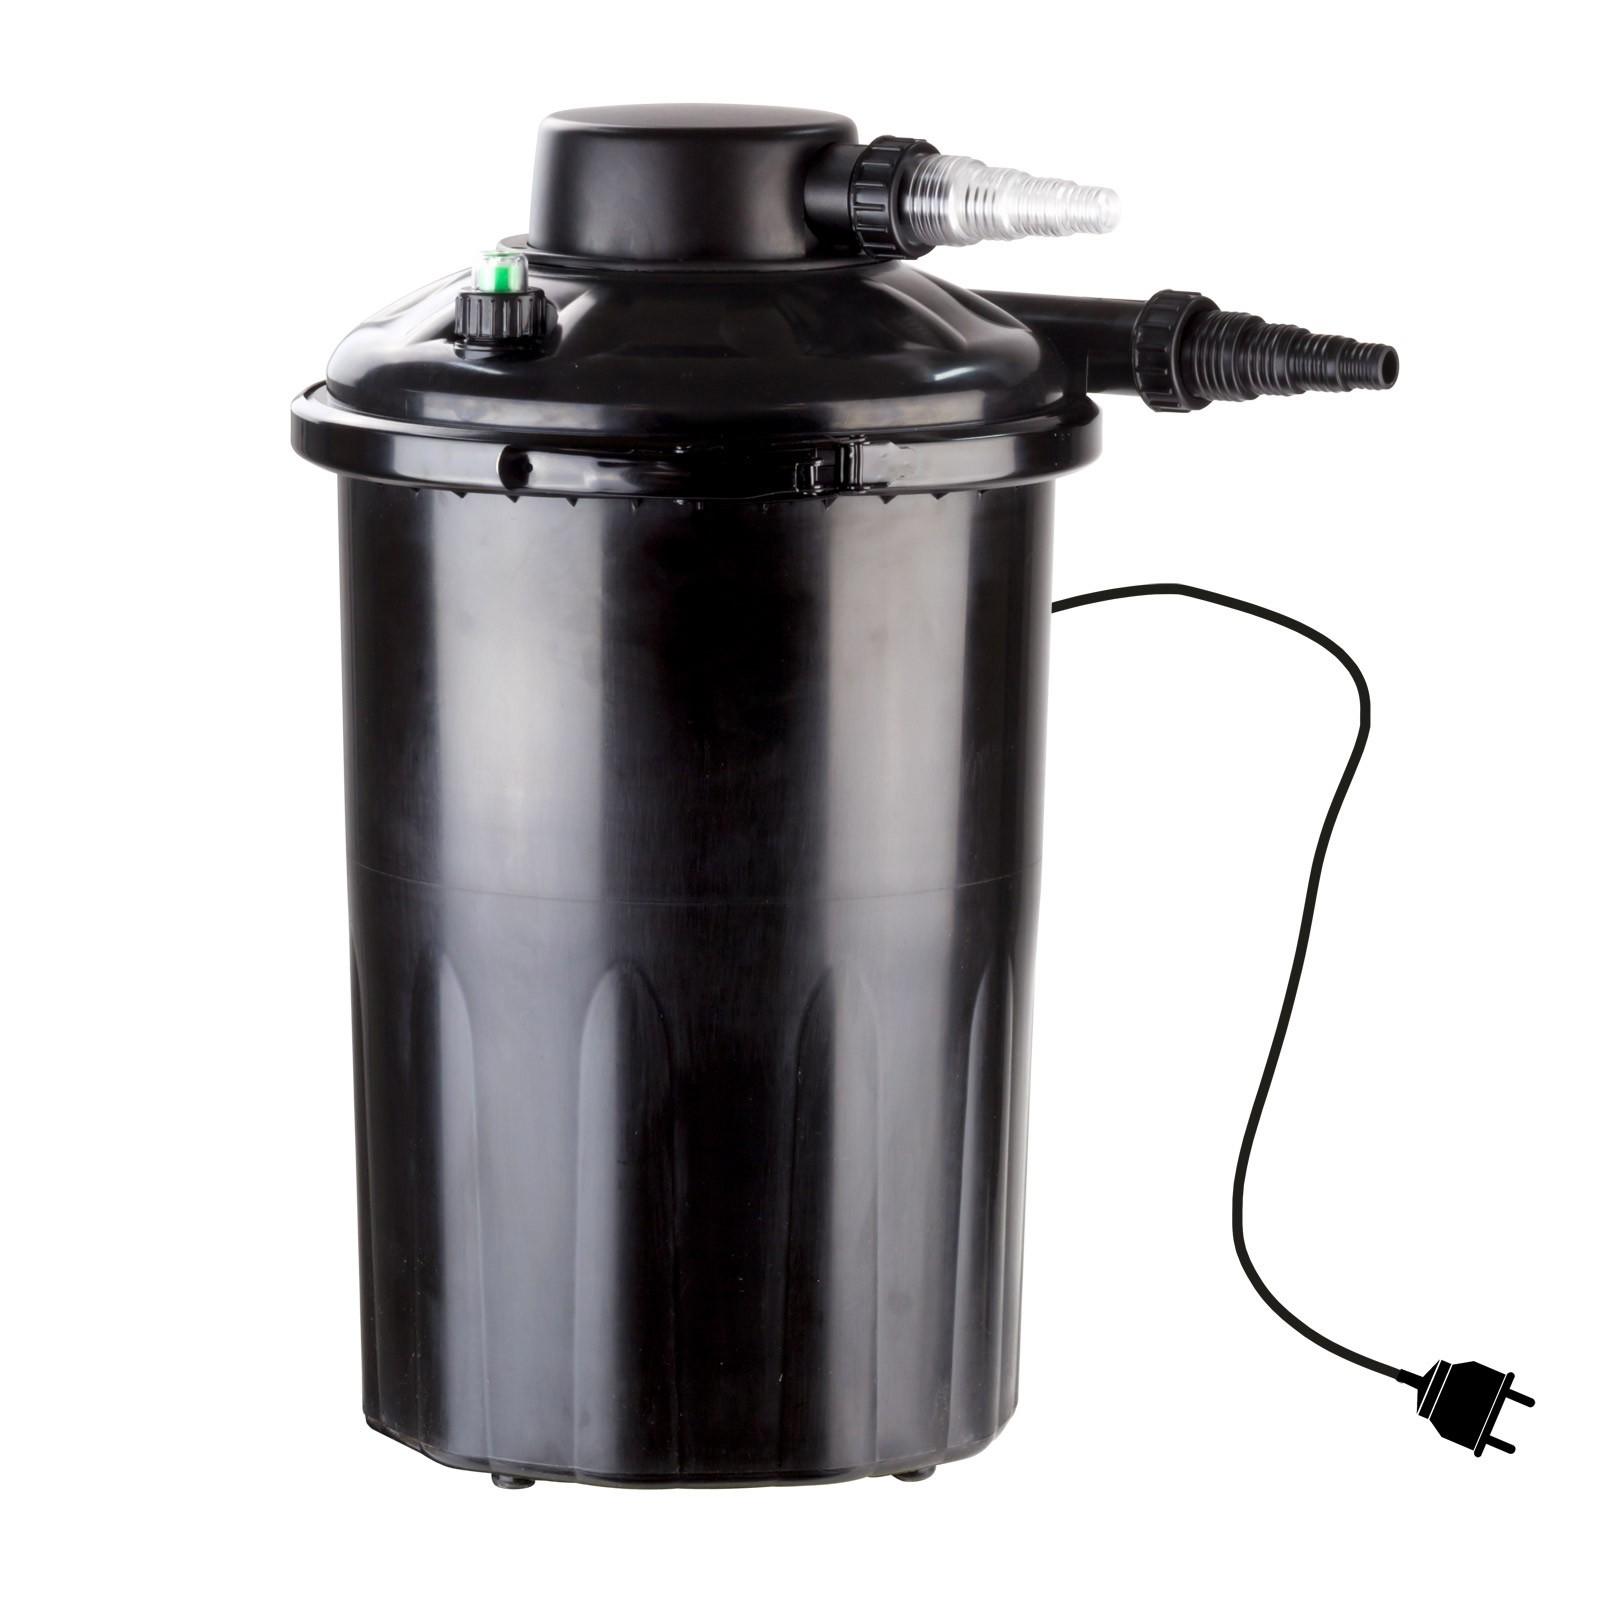 Dema Teichfilter Wasserfilter Filter Klärer biologisch 12000 L TF12000UV mit UV Licht 30988